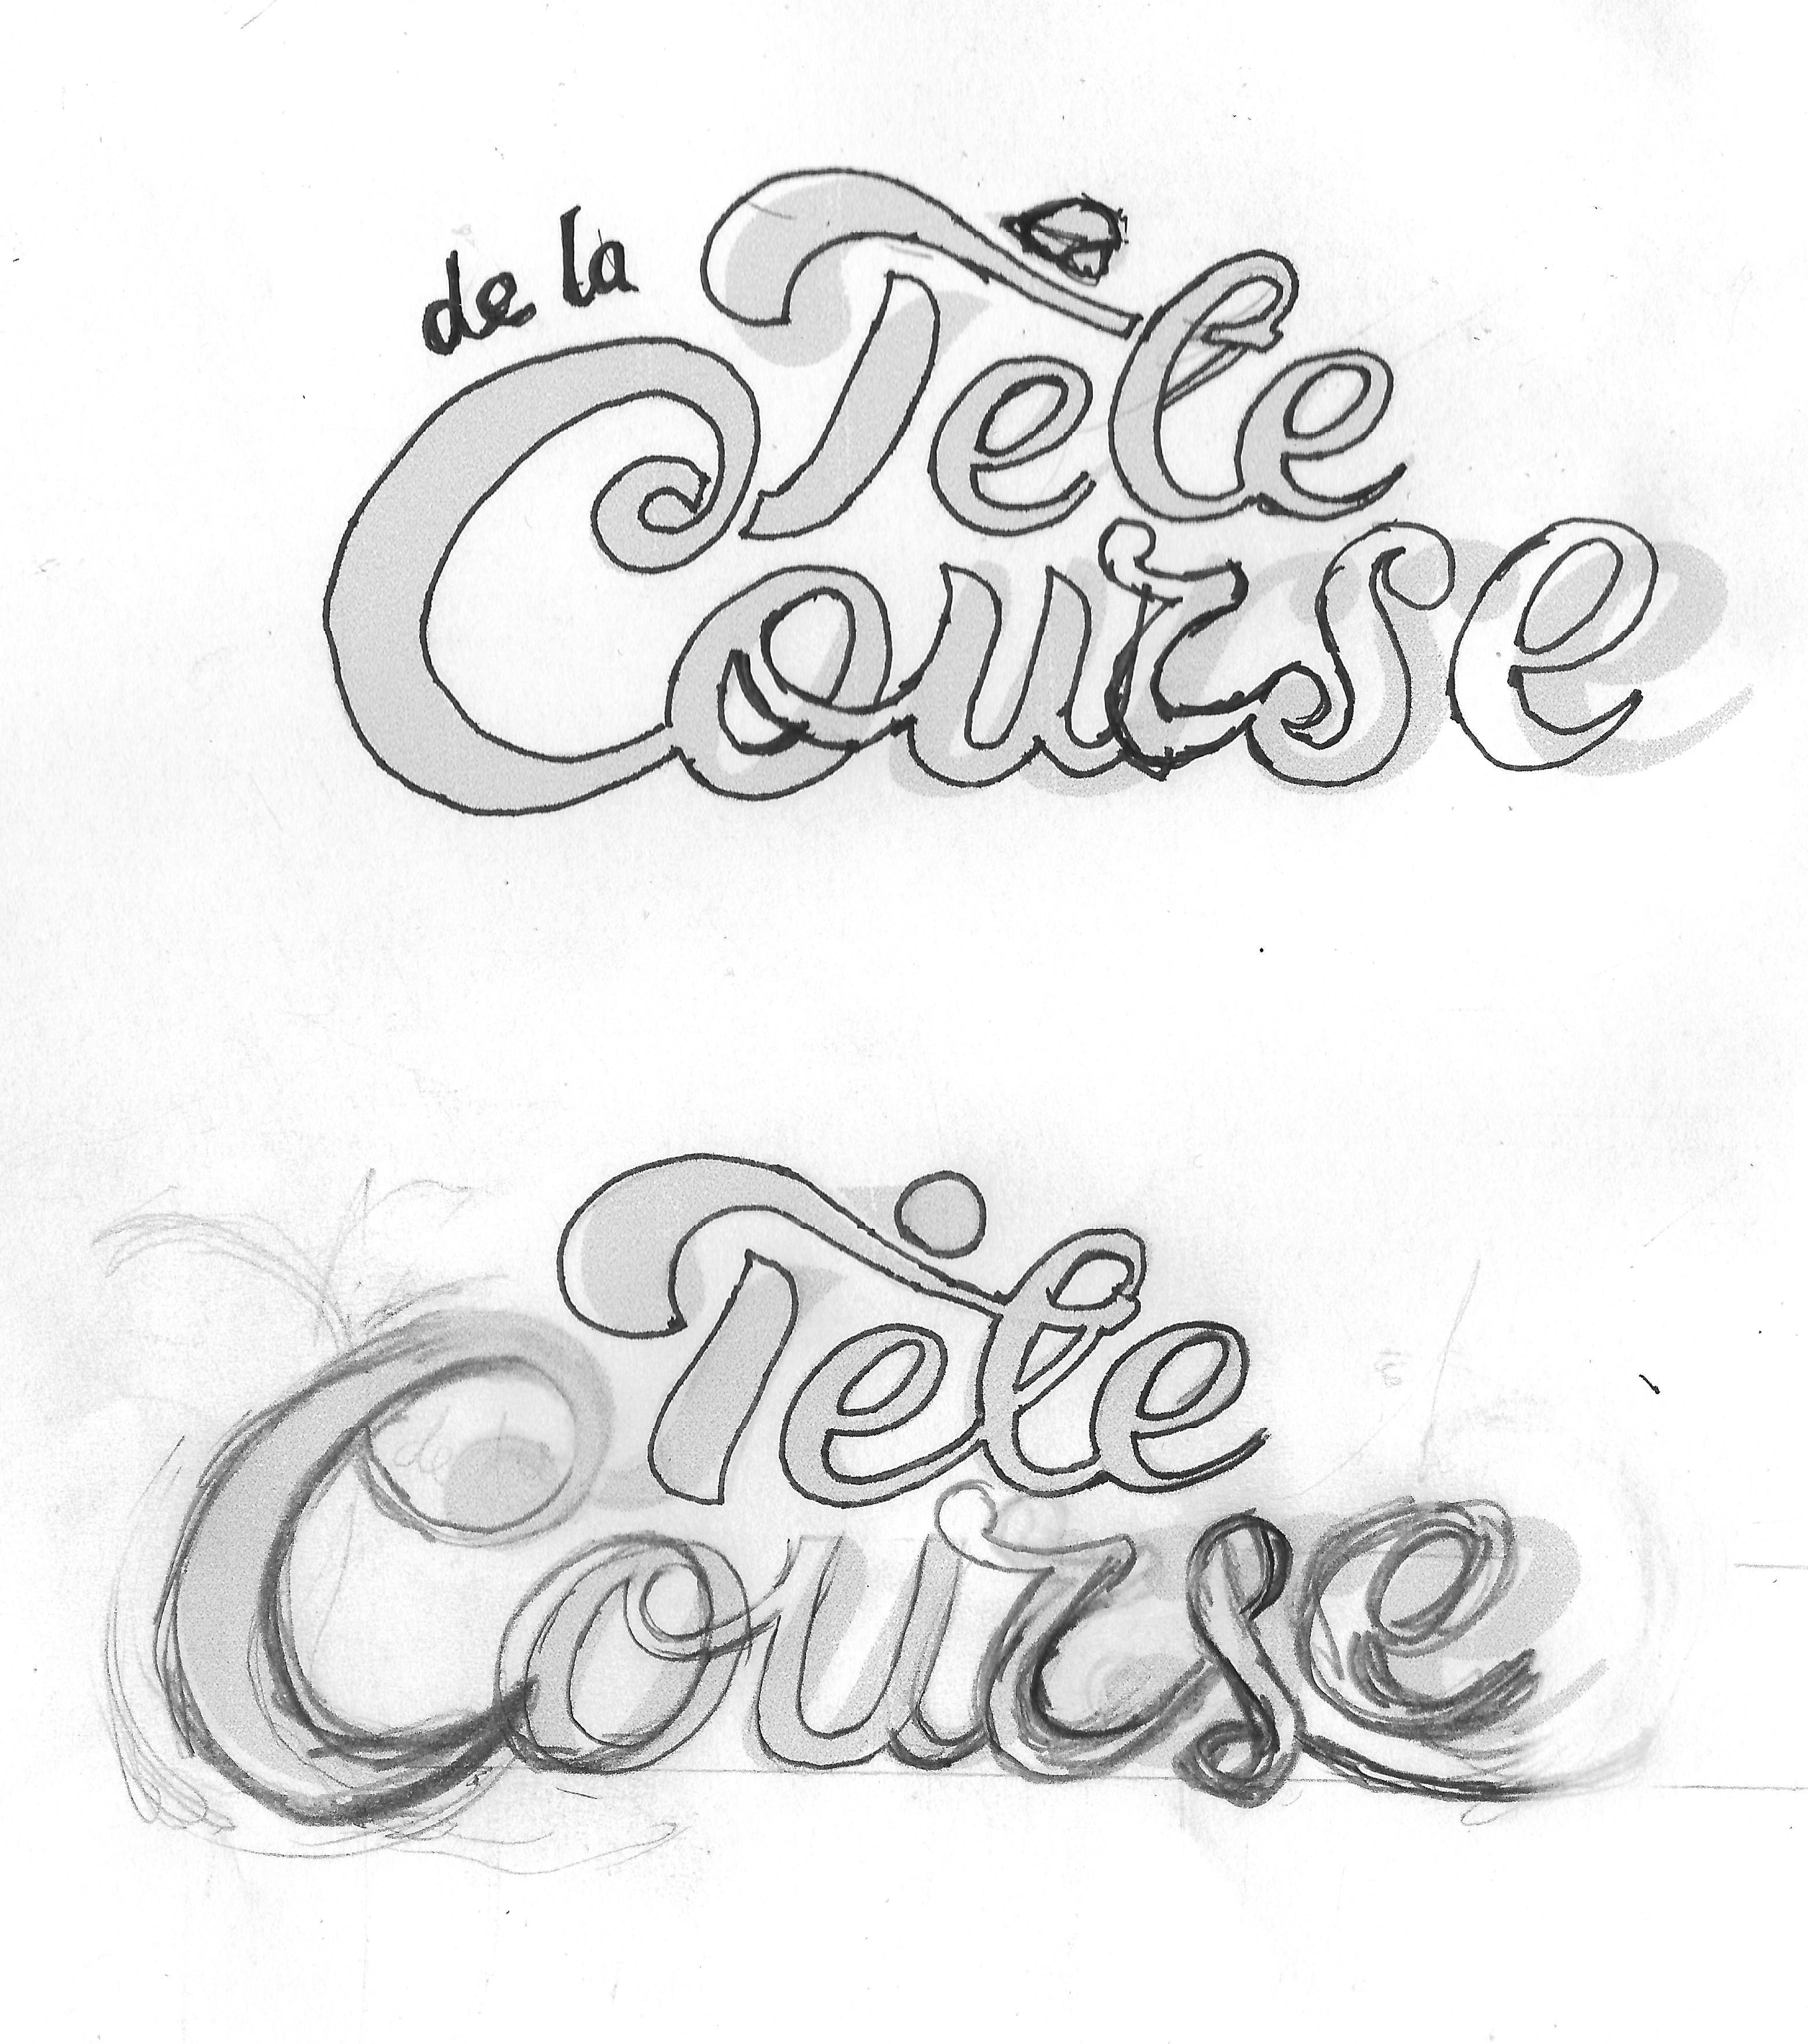 Tête de la Course - image 1 - student project